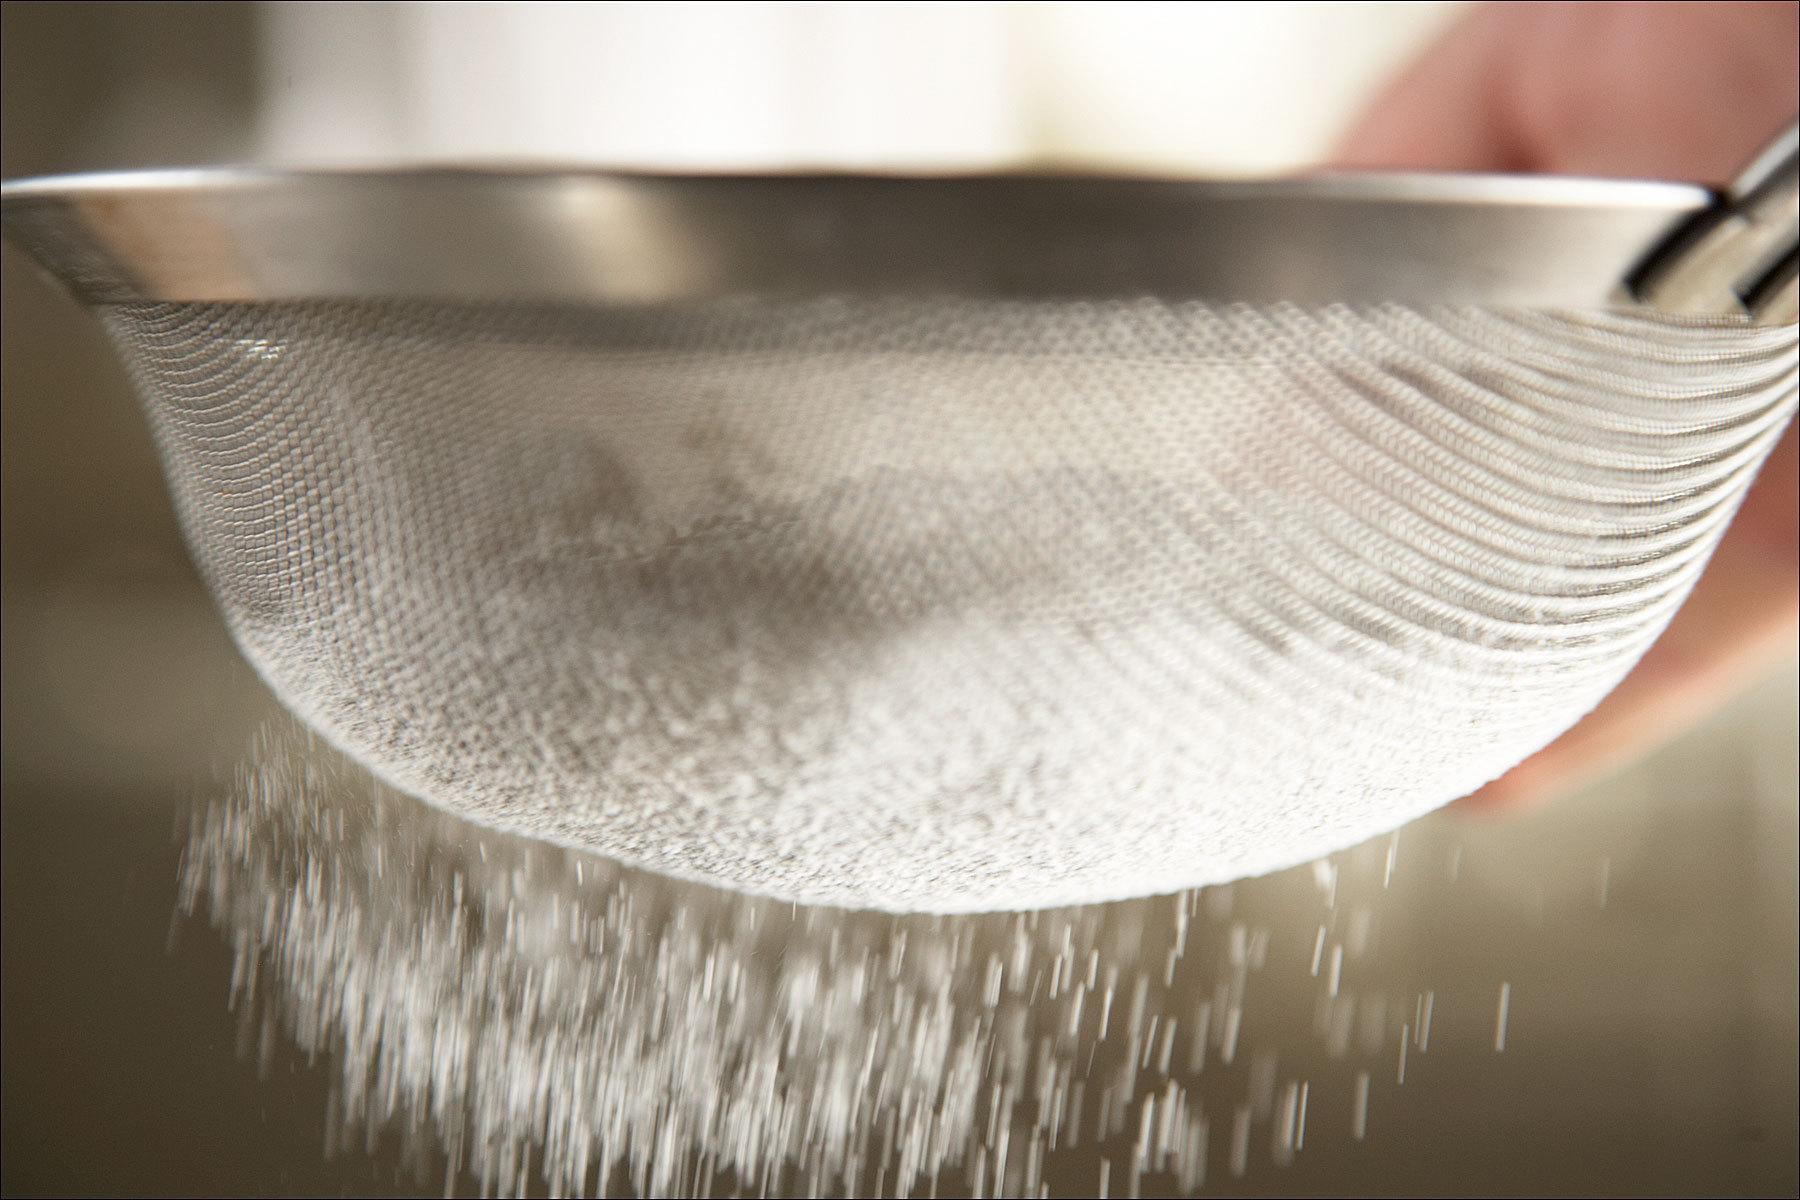 pathaverfield - un elemek - yemek yapmanın altın kuralları